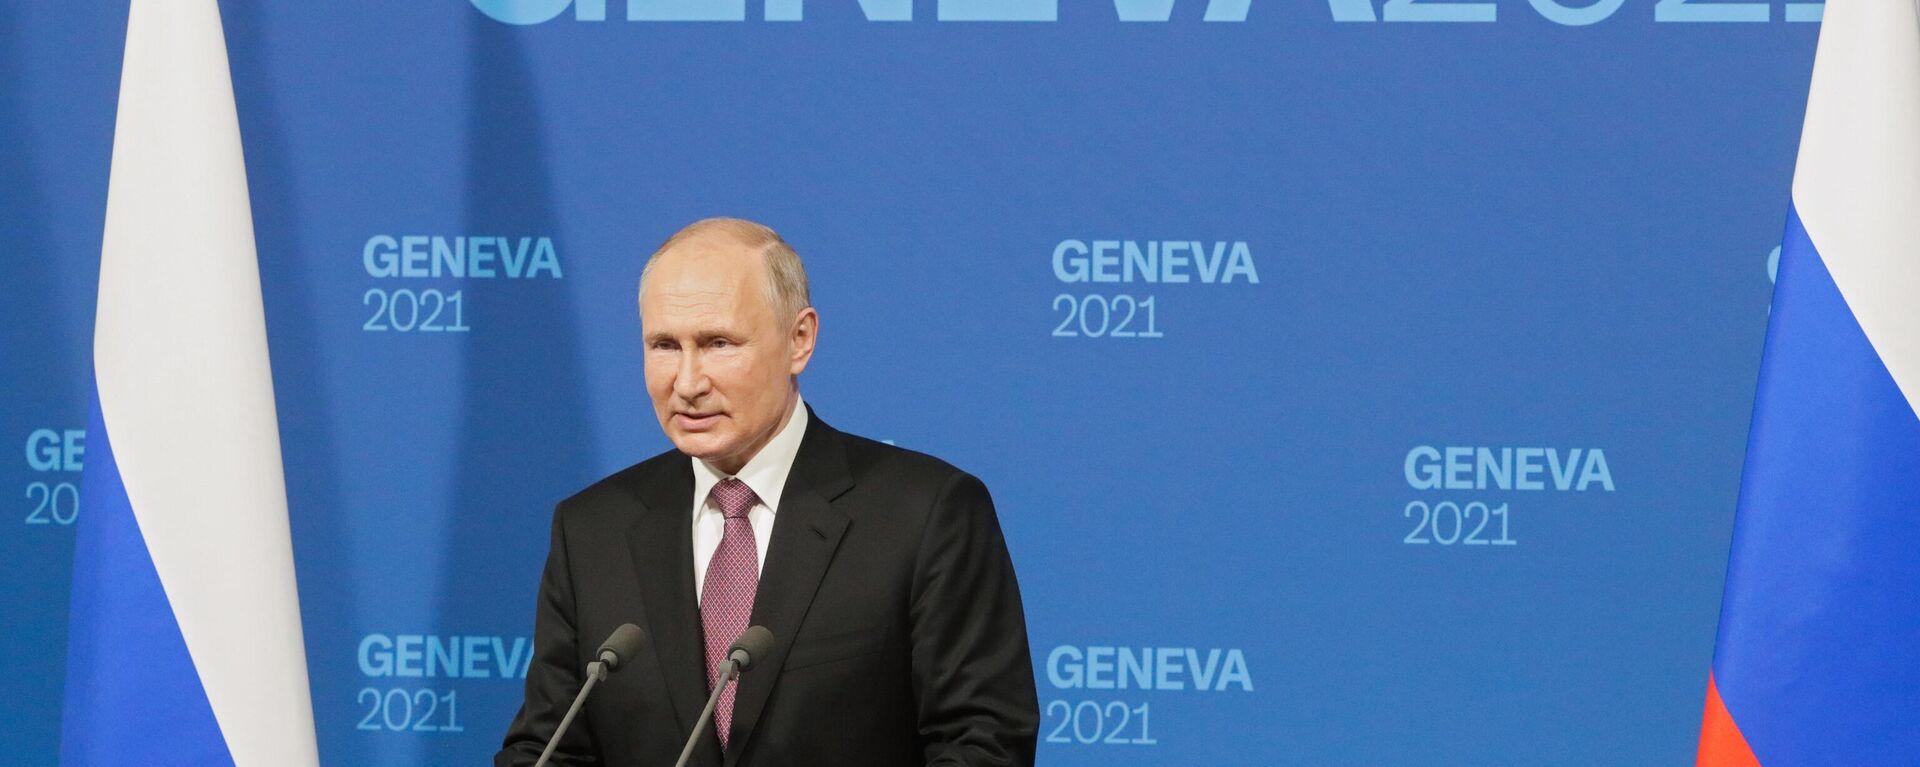 Prezident Vladimir Putin po jednání s Bidenem - Sputnik Česká republika, 1920, 20.06.2021